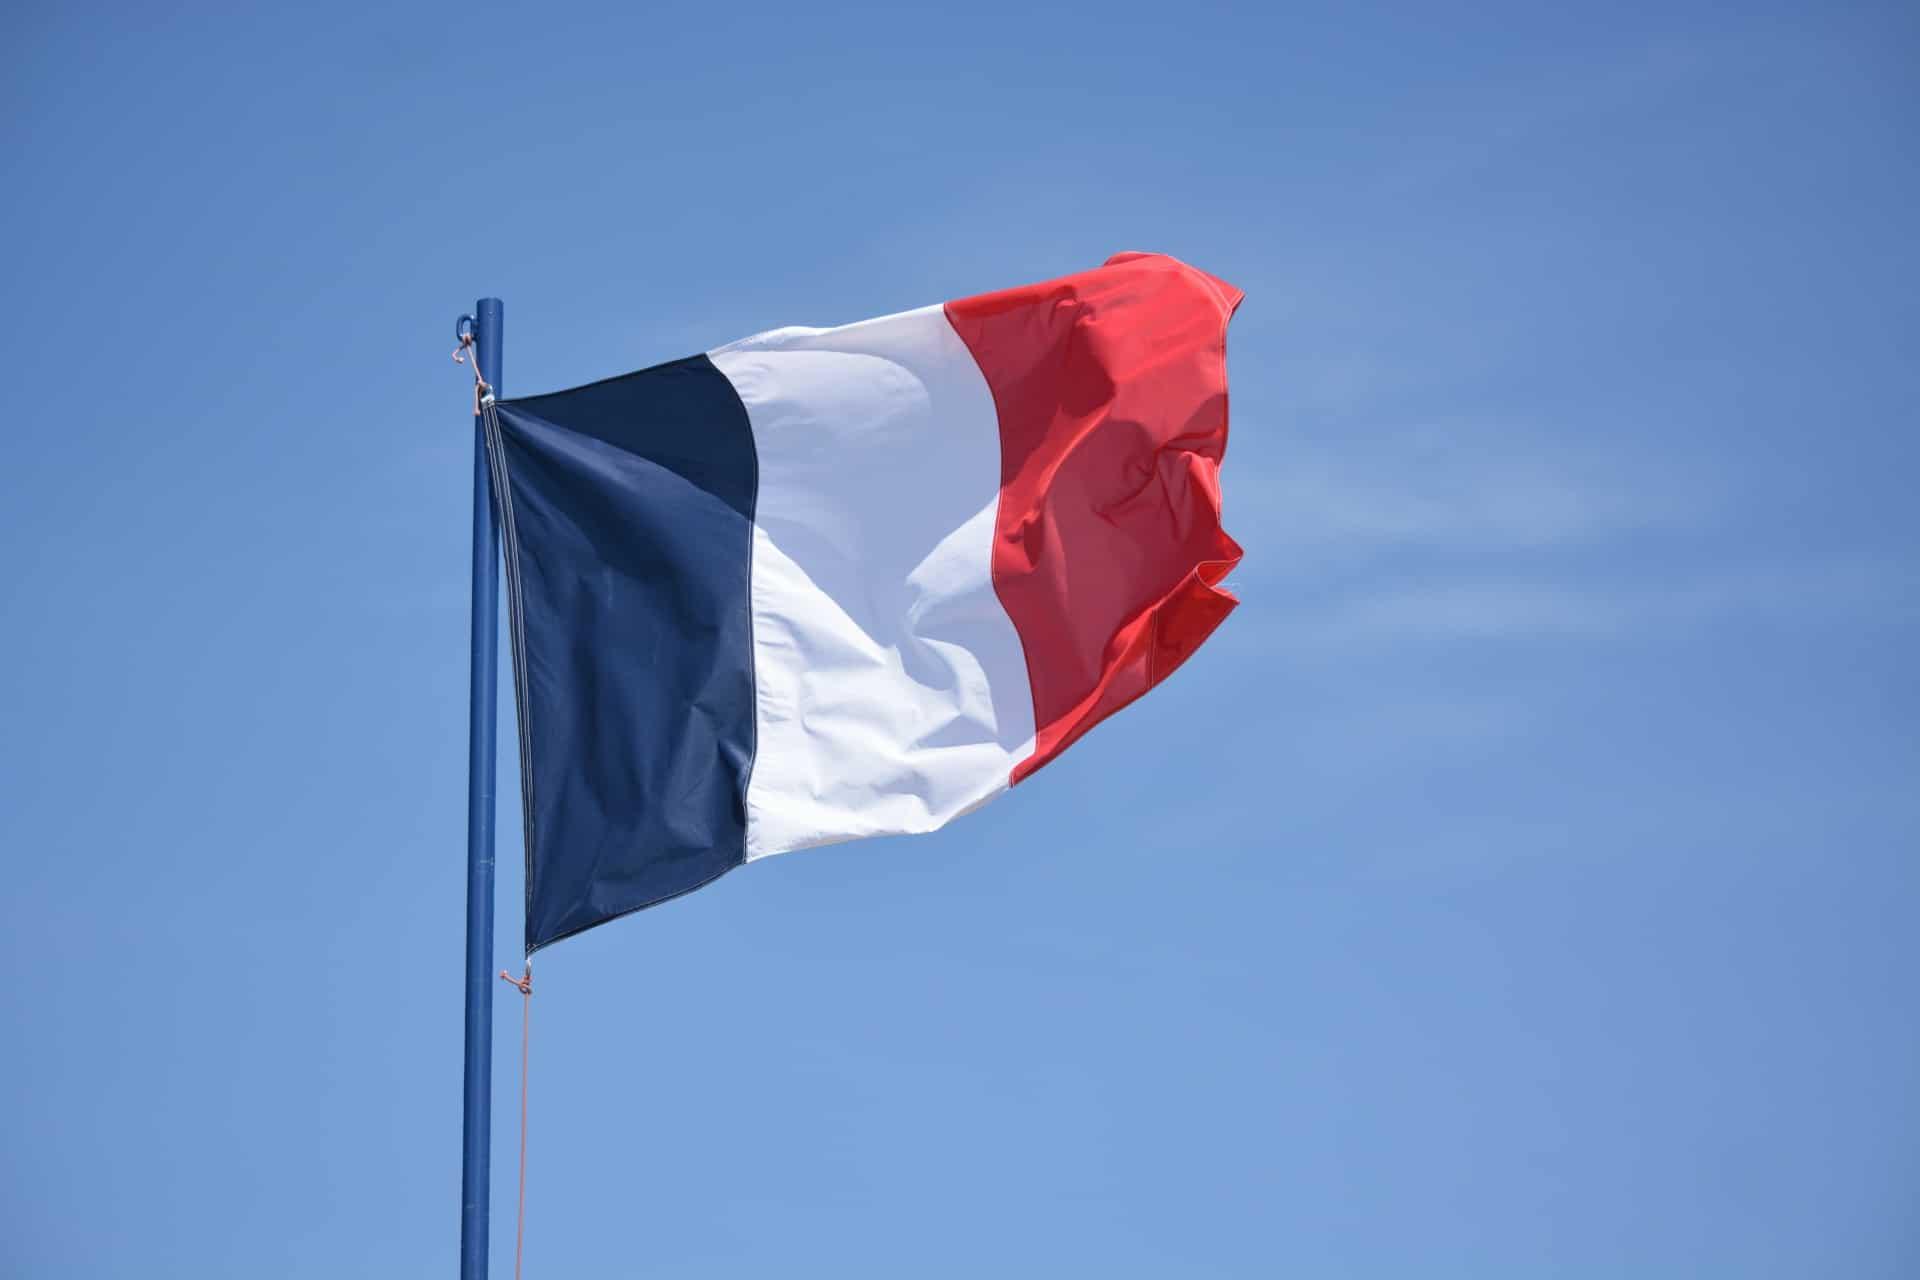 Retrait des drapeaux nationaux au Parlement Européen, le groupe Identité et Démocratie saisit la cour de justice européenne